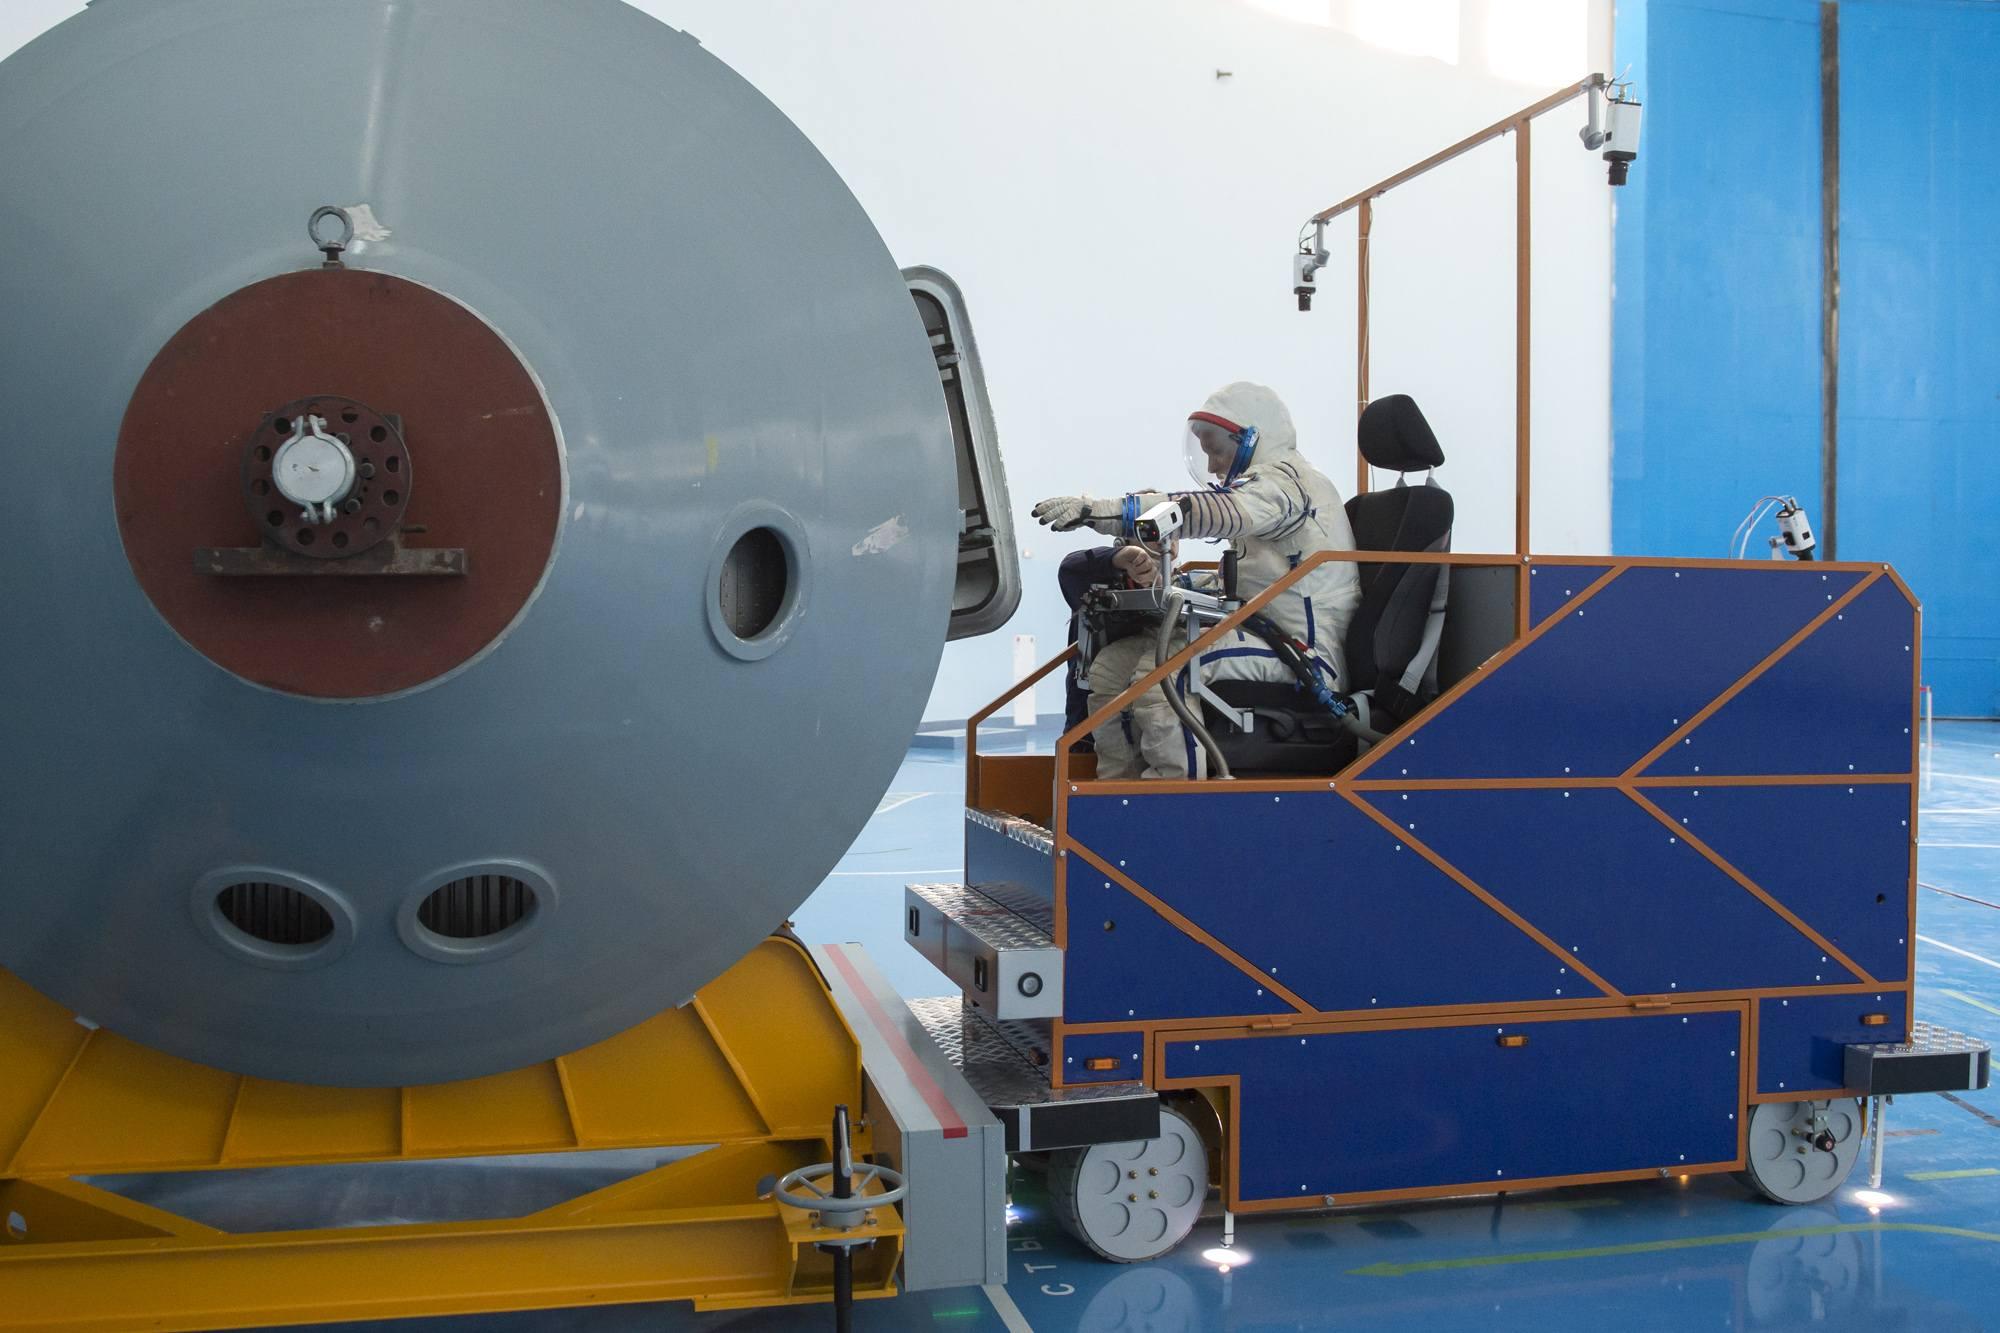 Une ancienne nacelle de la centrifugeuse sert de point de dépôt pour des objets lors de l'exercice.